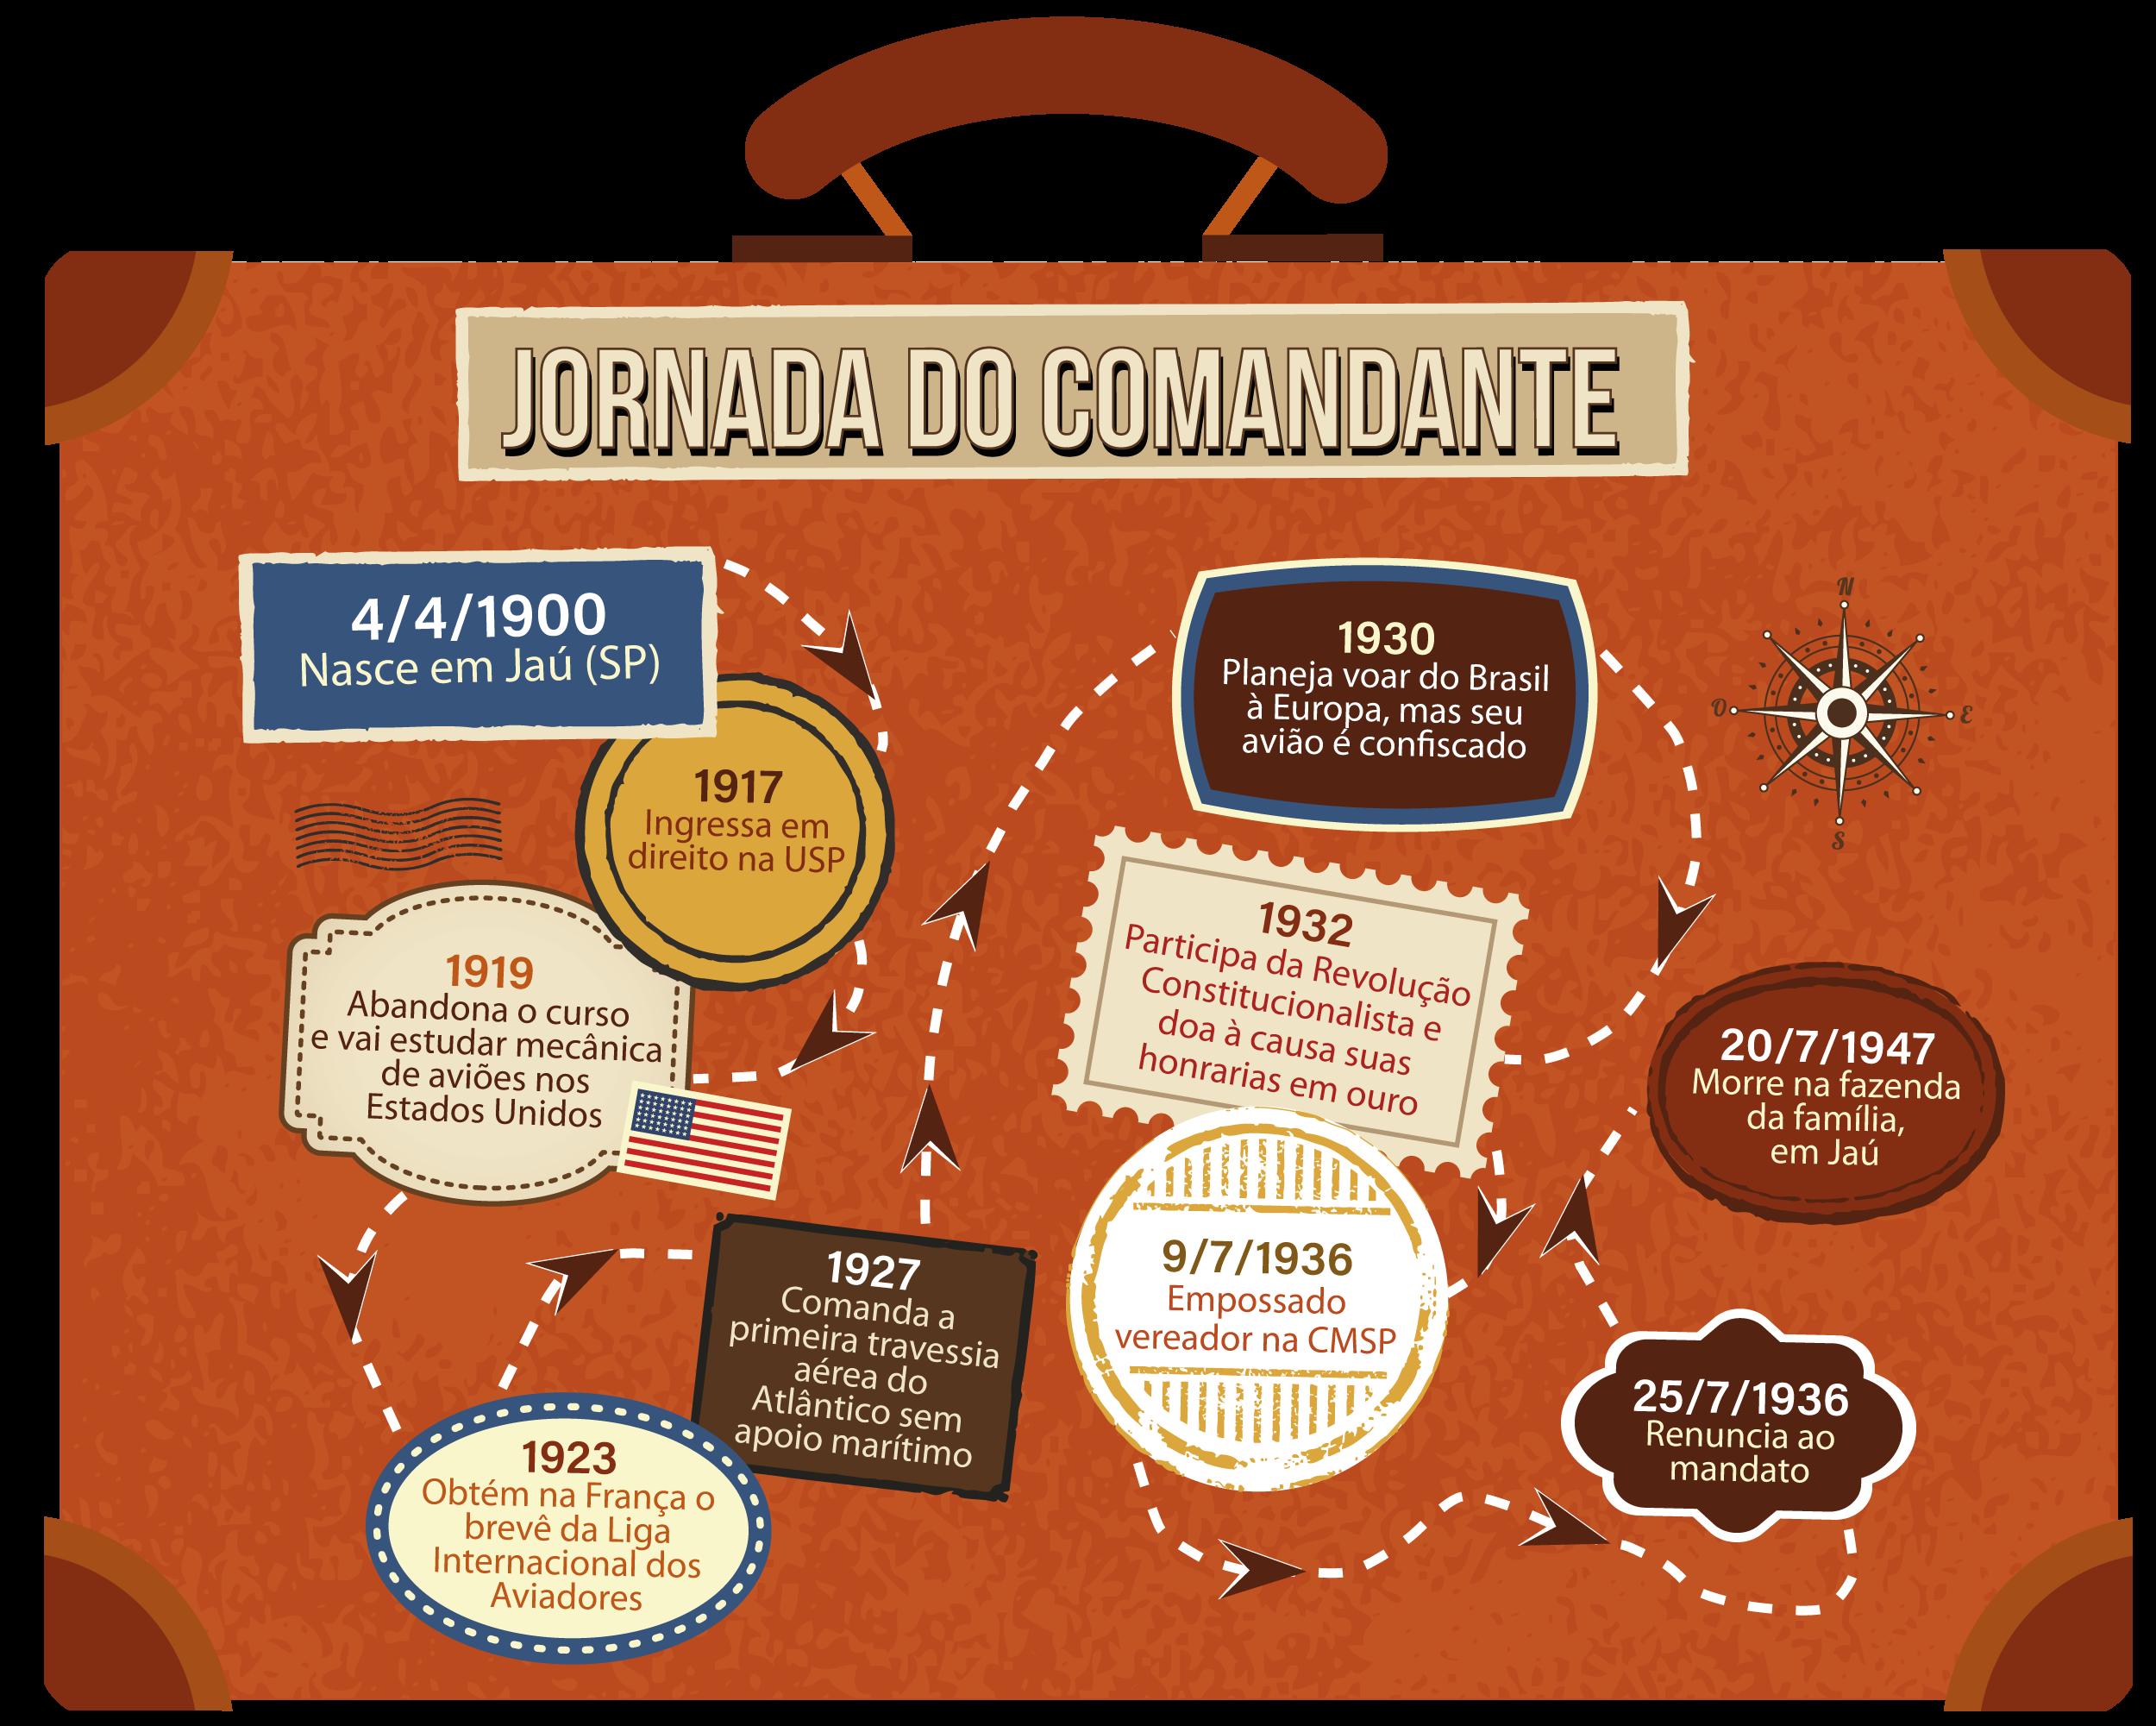 Infografico sobre a jornada do comandante